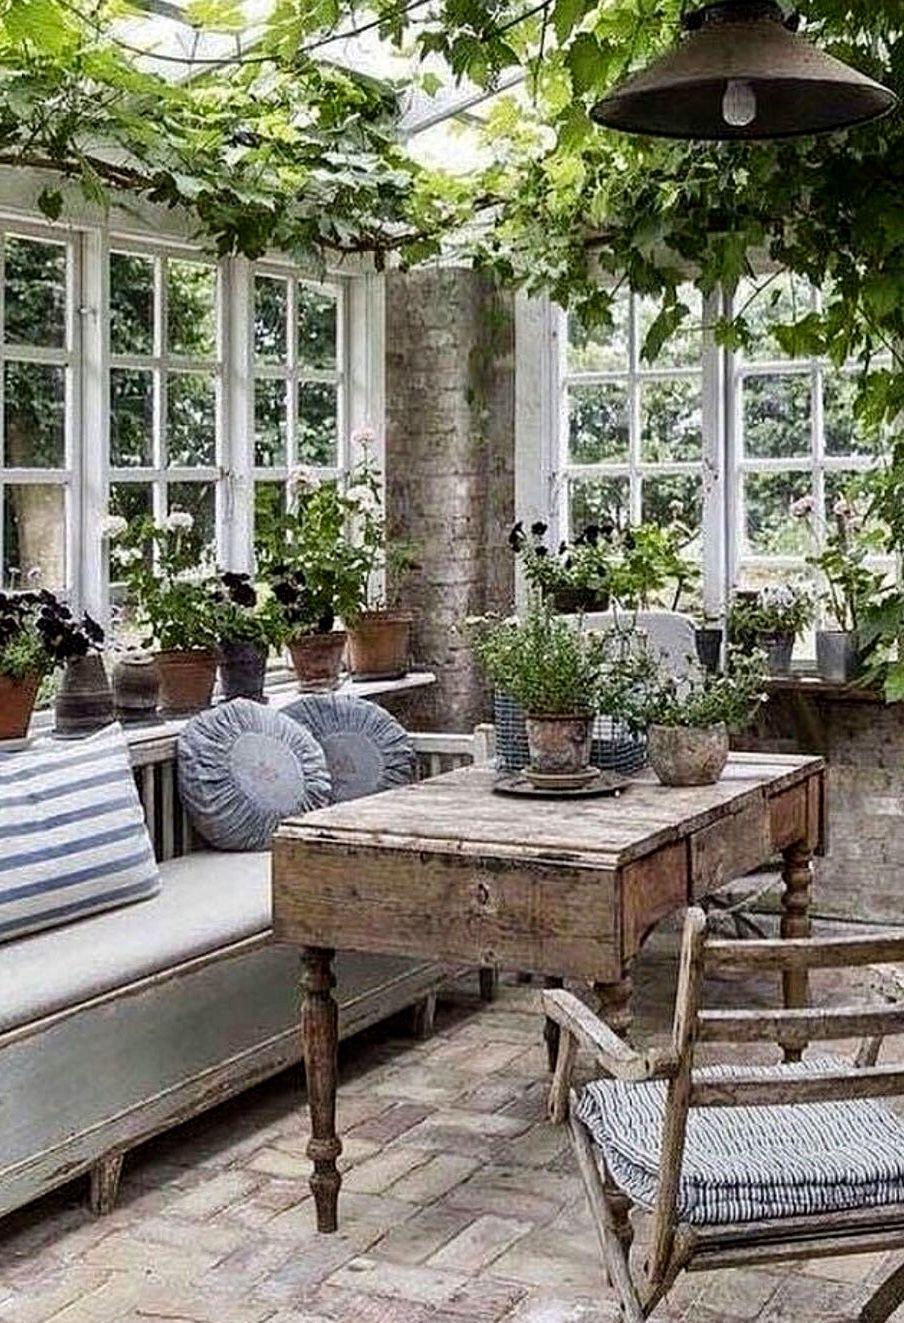 Greenhouse Decoración De Terraza Acristalada Decoraciones